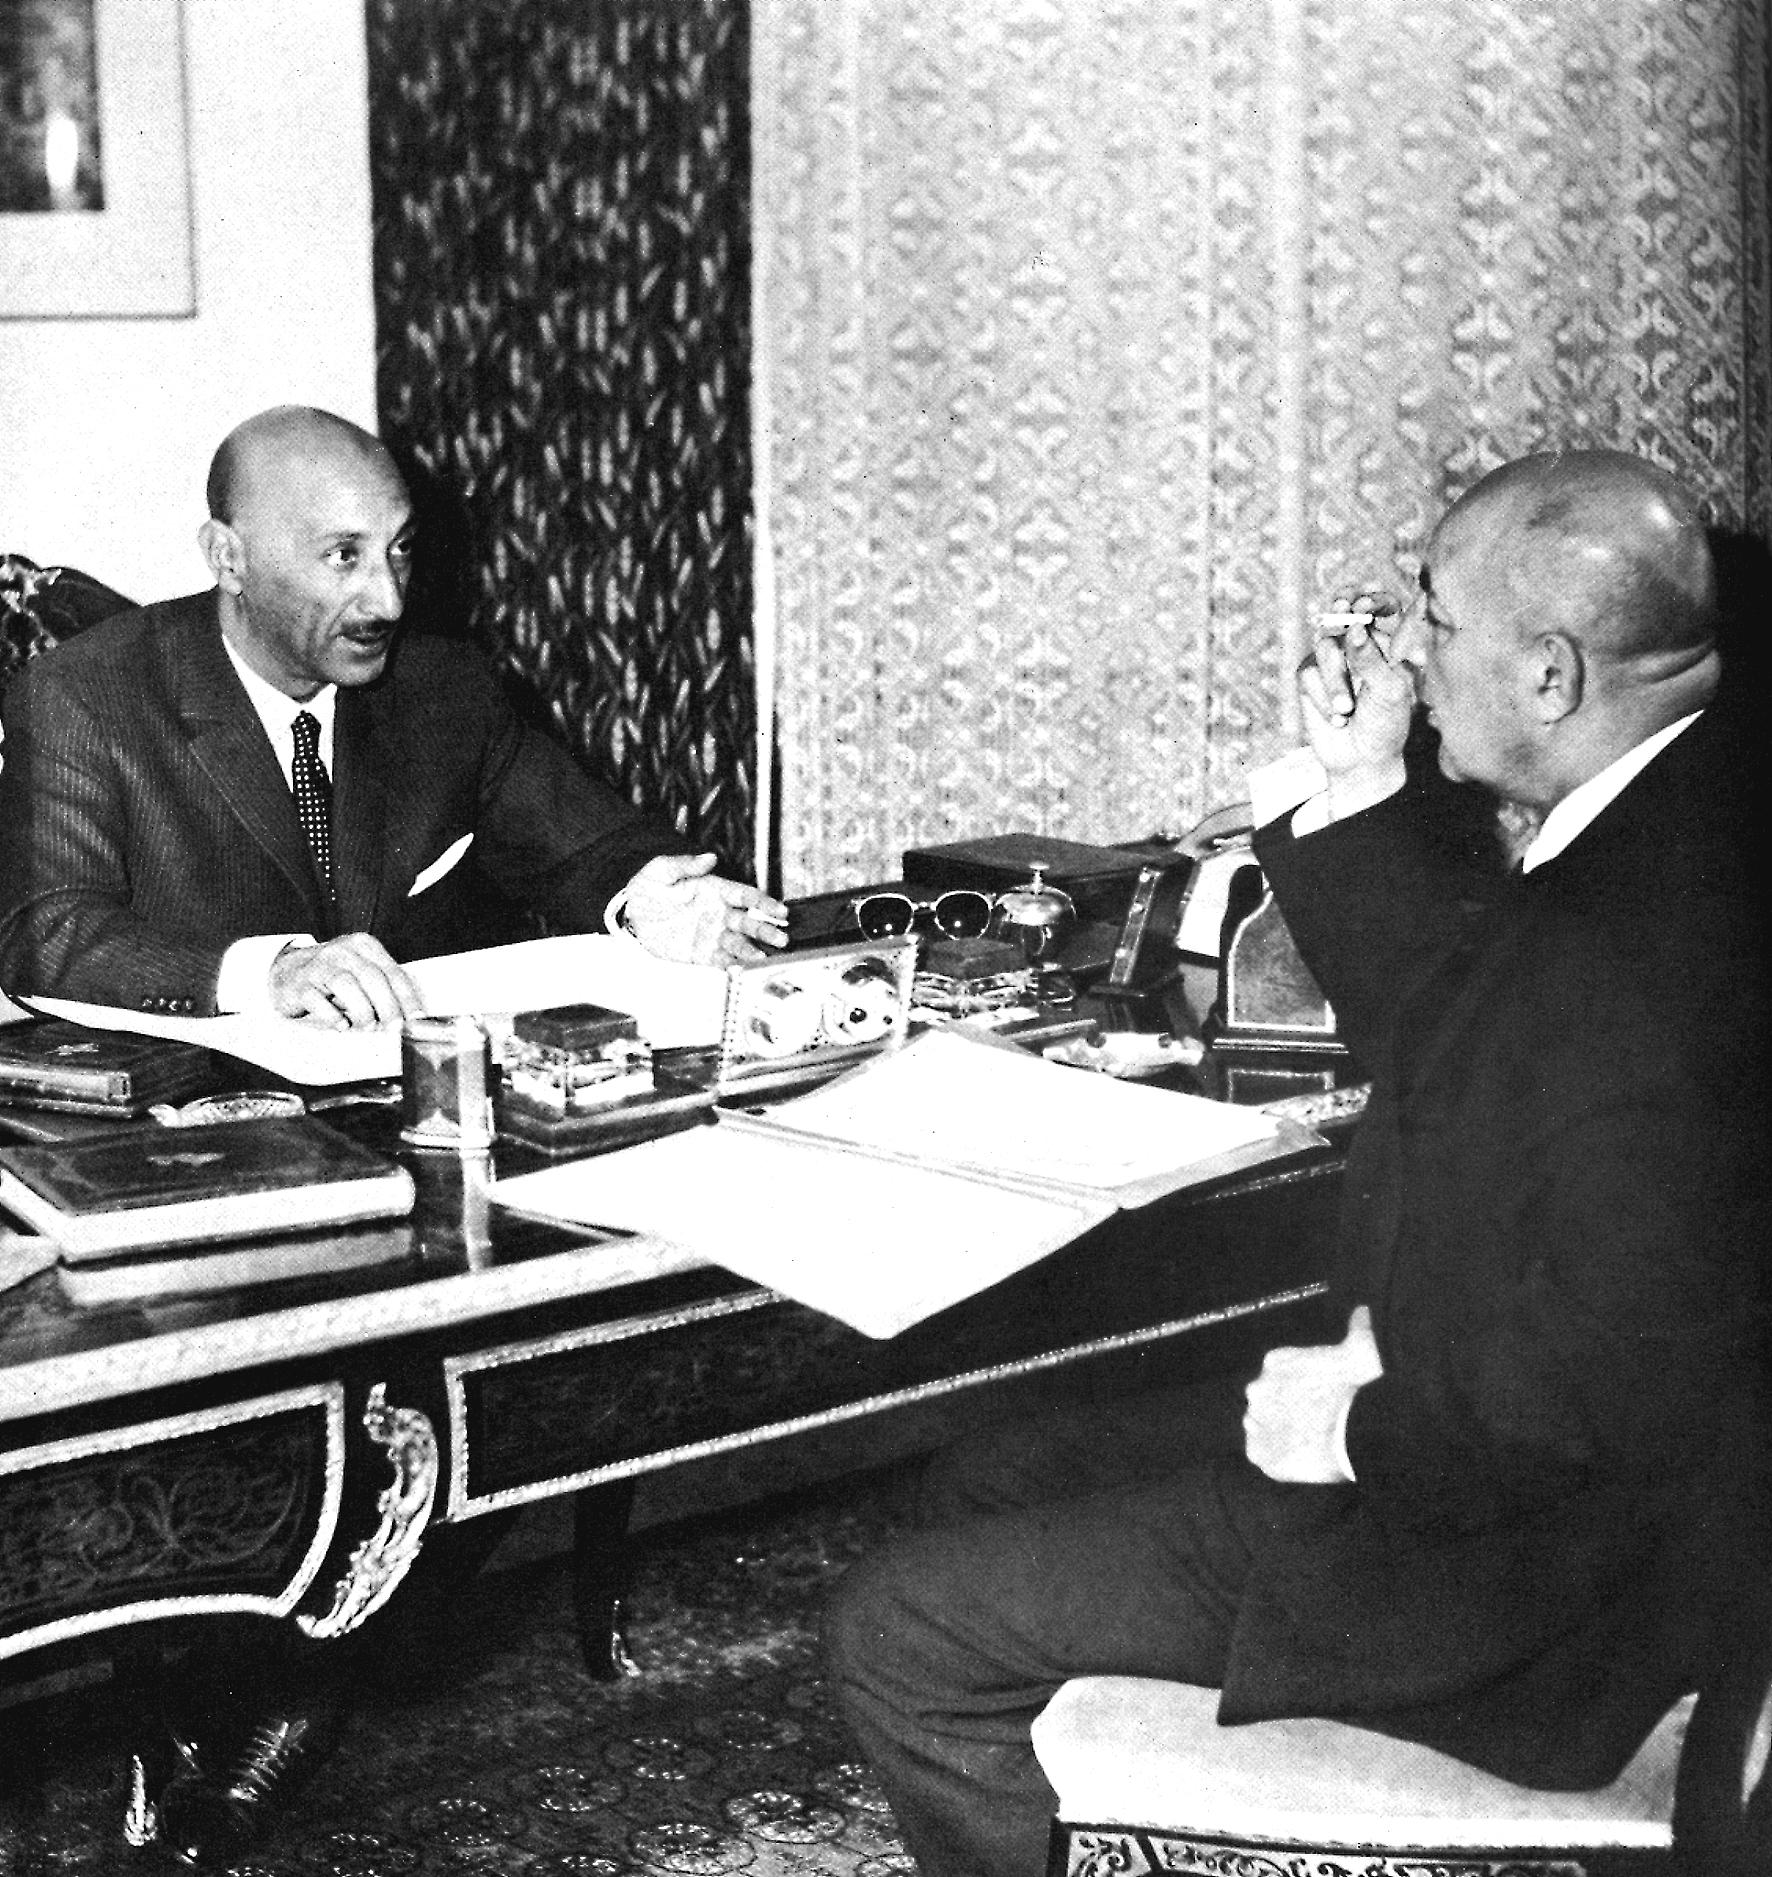 Kong Zahir Shah (t.v.) drøfter statsanliggender med sin premierminister, fætter og svigersøn, prins Daoud. Billedet er fra slutningen af 1950'erne, før Daoud blev afskediget i 1963. I 1973 tog Daoud magten, mens kongen var på ferie i Rom, og udråbte sig selv til præsident for Afghanistan.